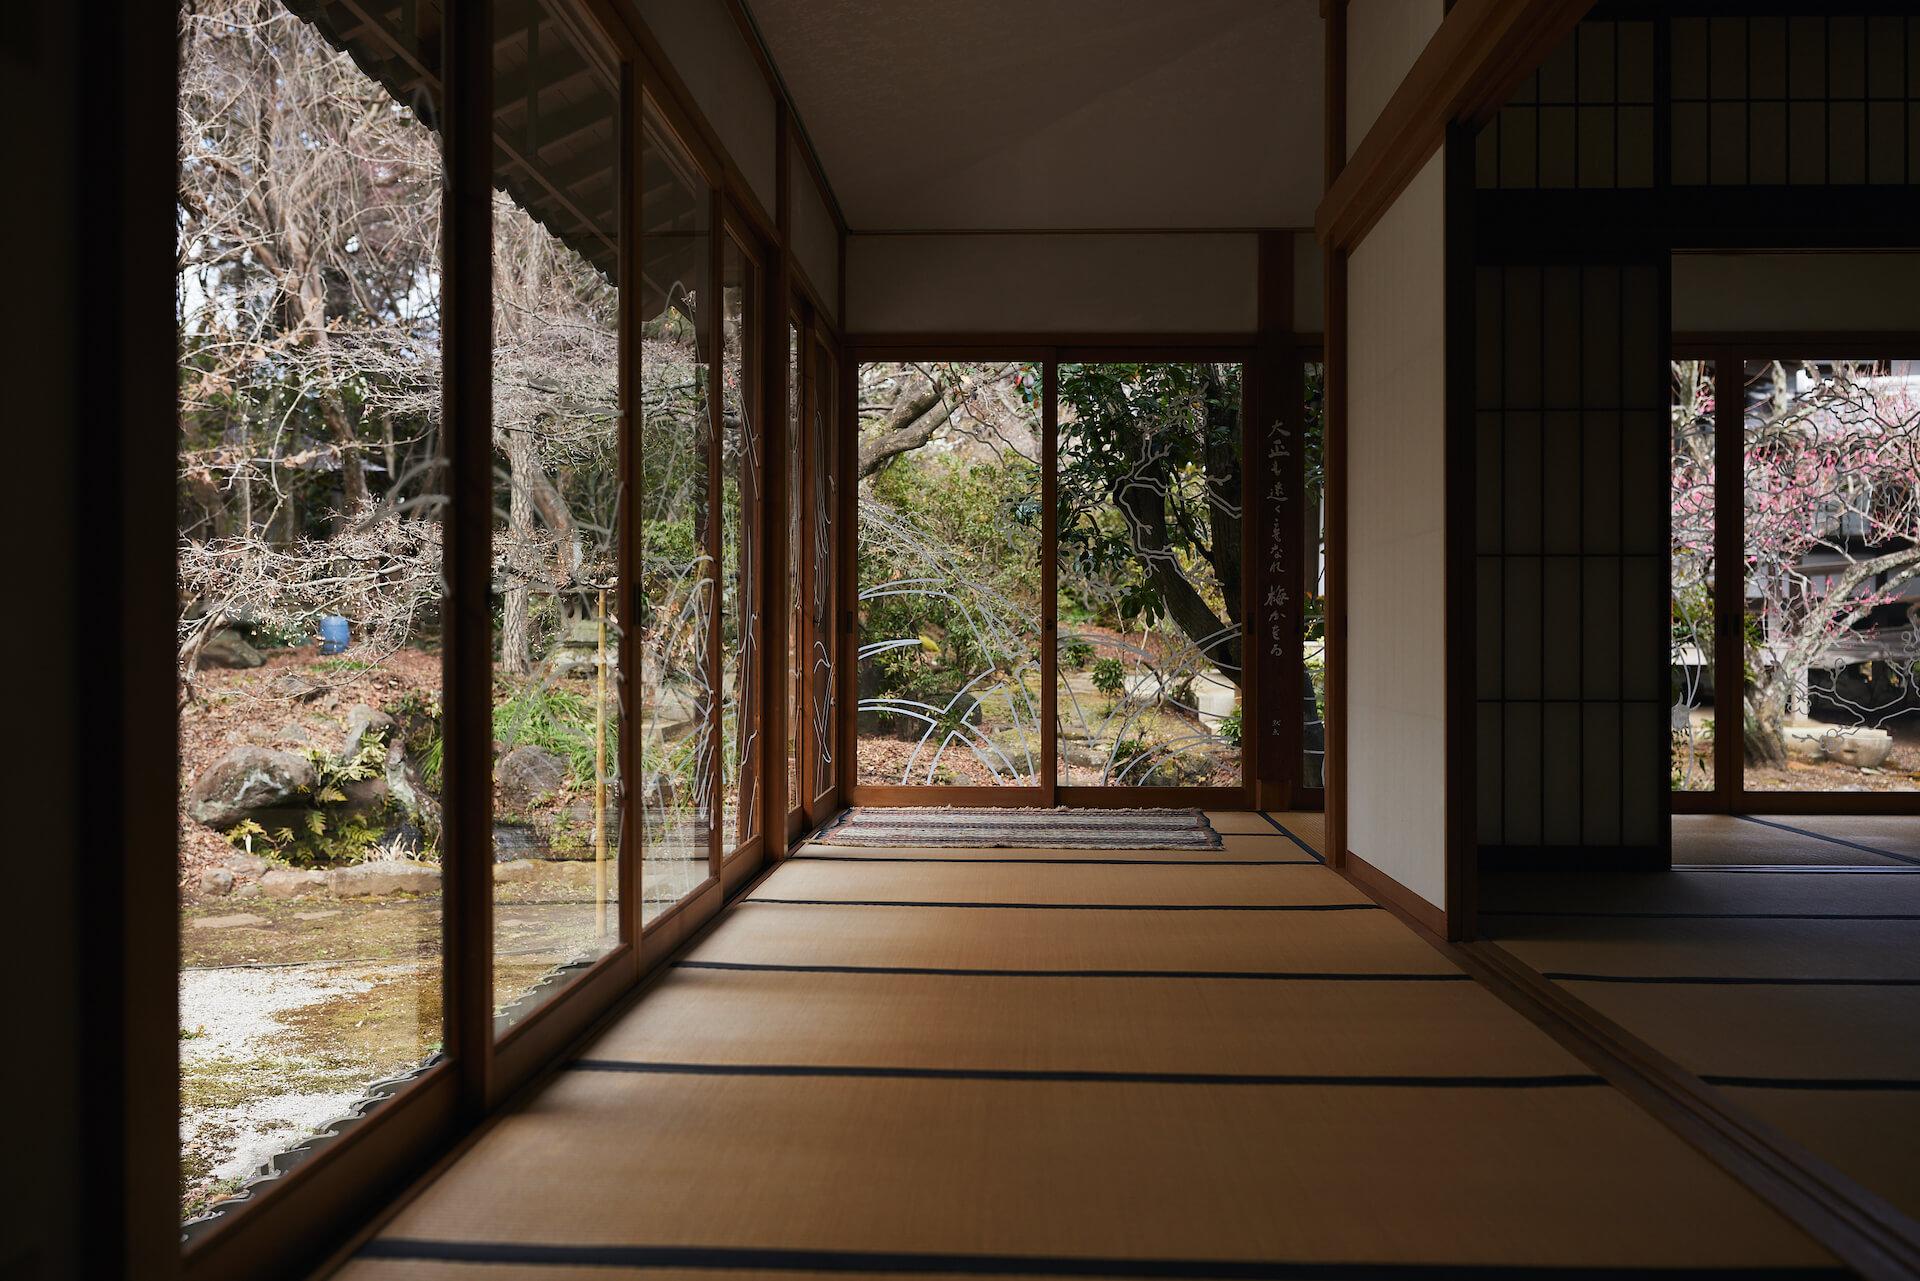 バーチャルを駆使した仮想大中寺で禅の世界を体感<MUSO Culture Festival 2021>レポート column210318_muso-04